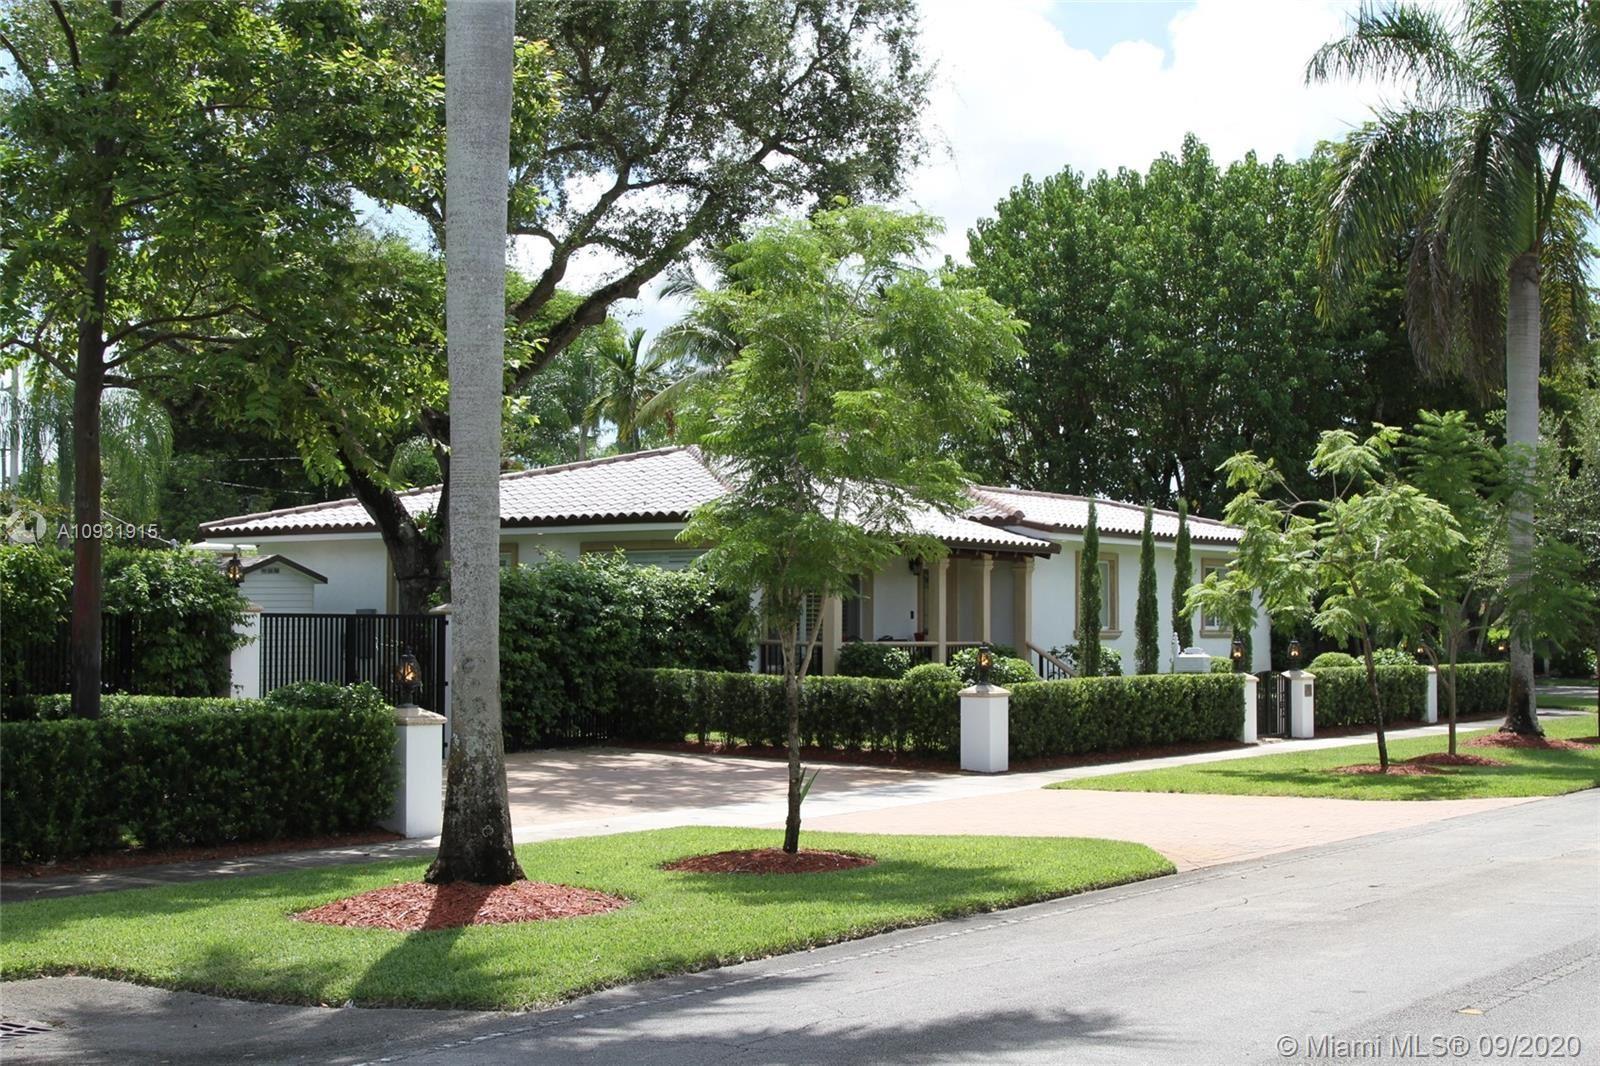 1095 Sylvania Blvd, West Miami, FL 33144 - #: A10931915